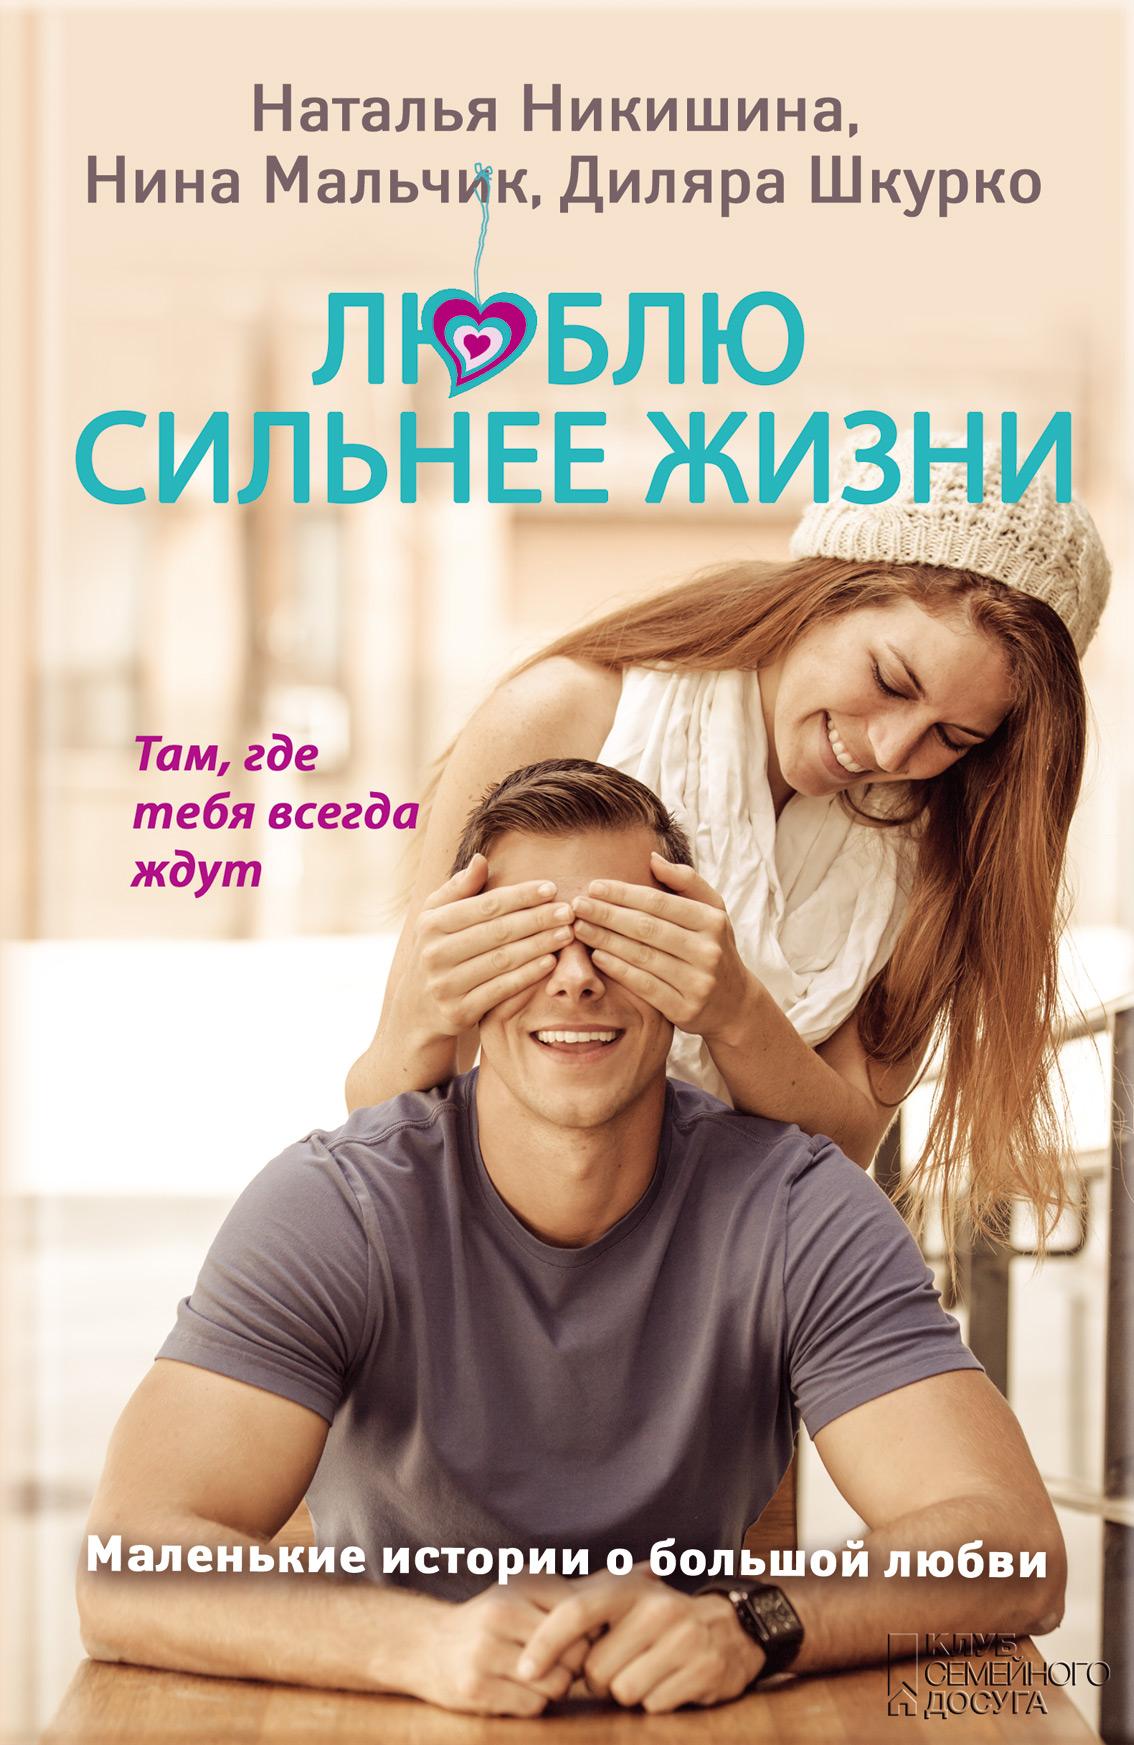 Наталия Никишина Люблю сильнее жизни. Маленькие истории о большой любви 12 историй о настоящей любви